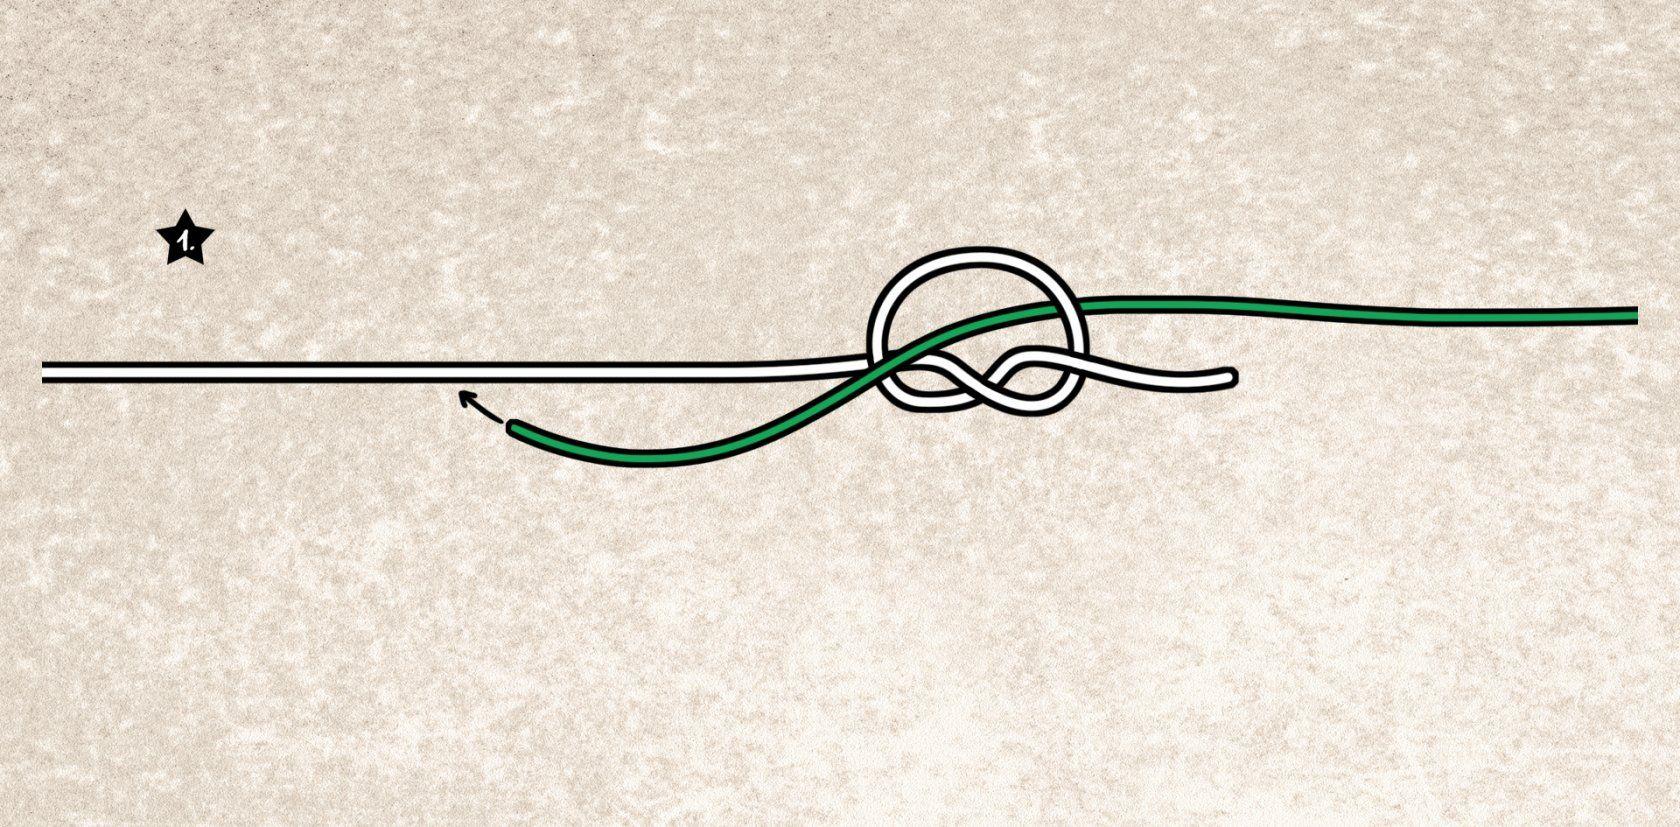 Clinch Schlagschnurknoten Angelknoten Knoten Und Uberhandknoten